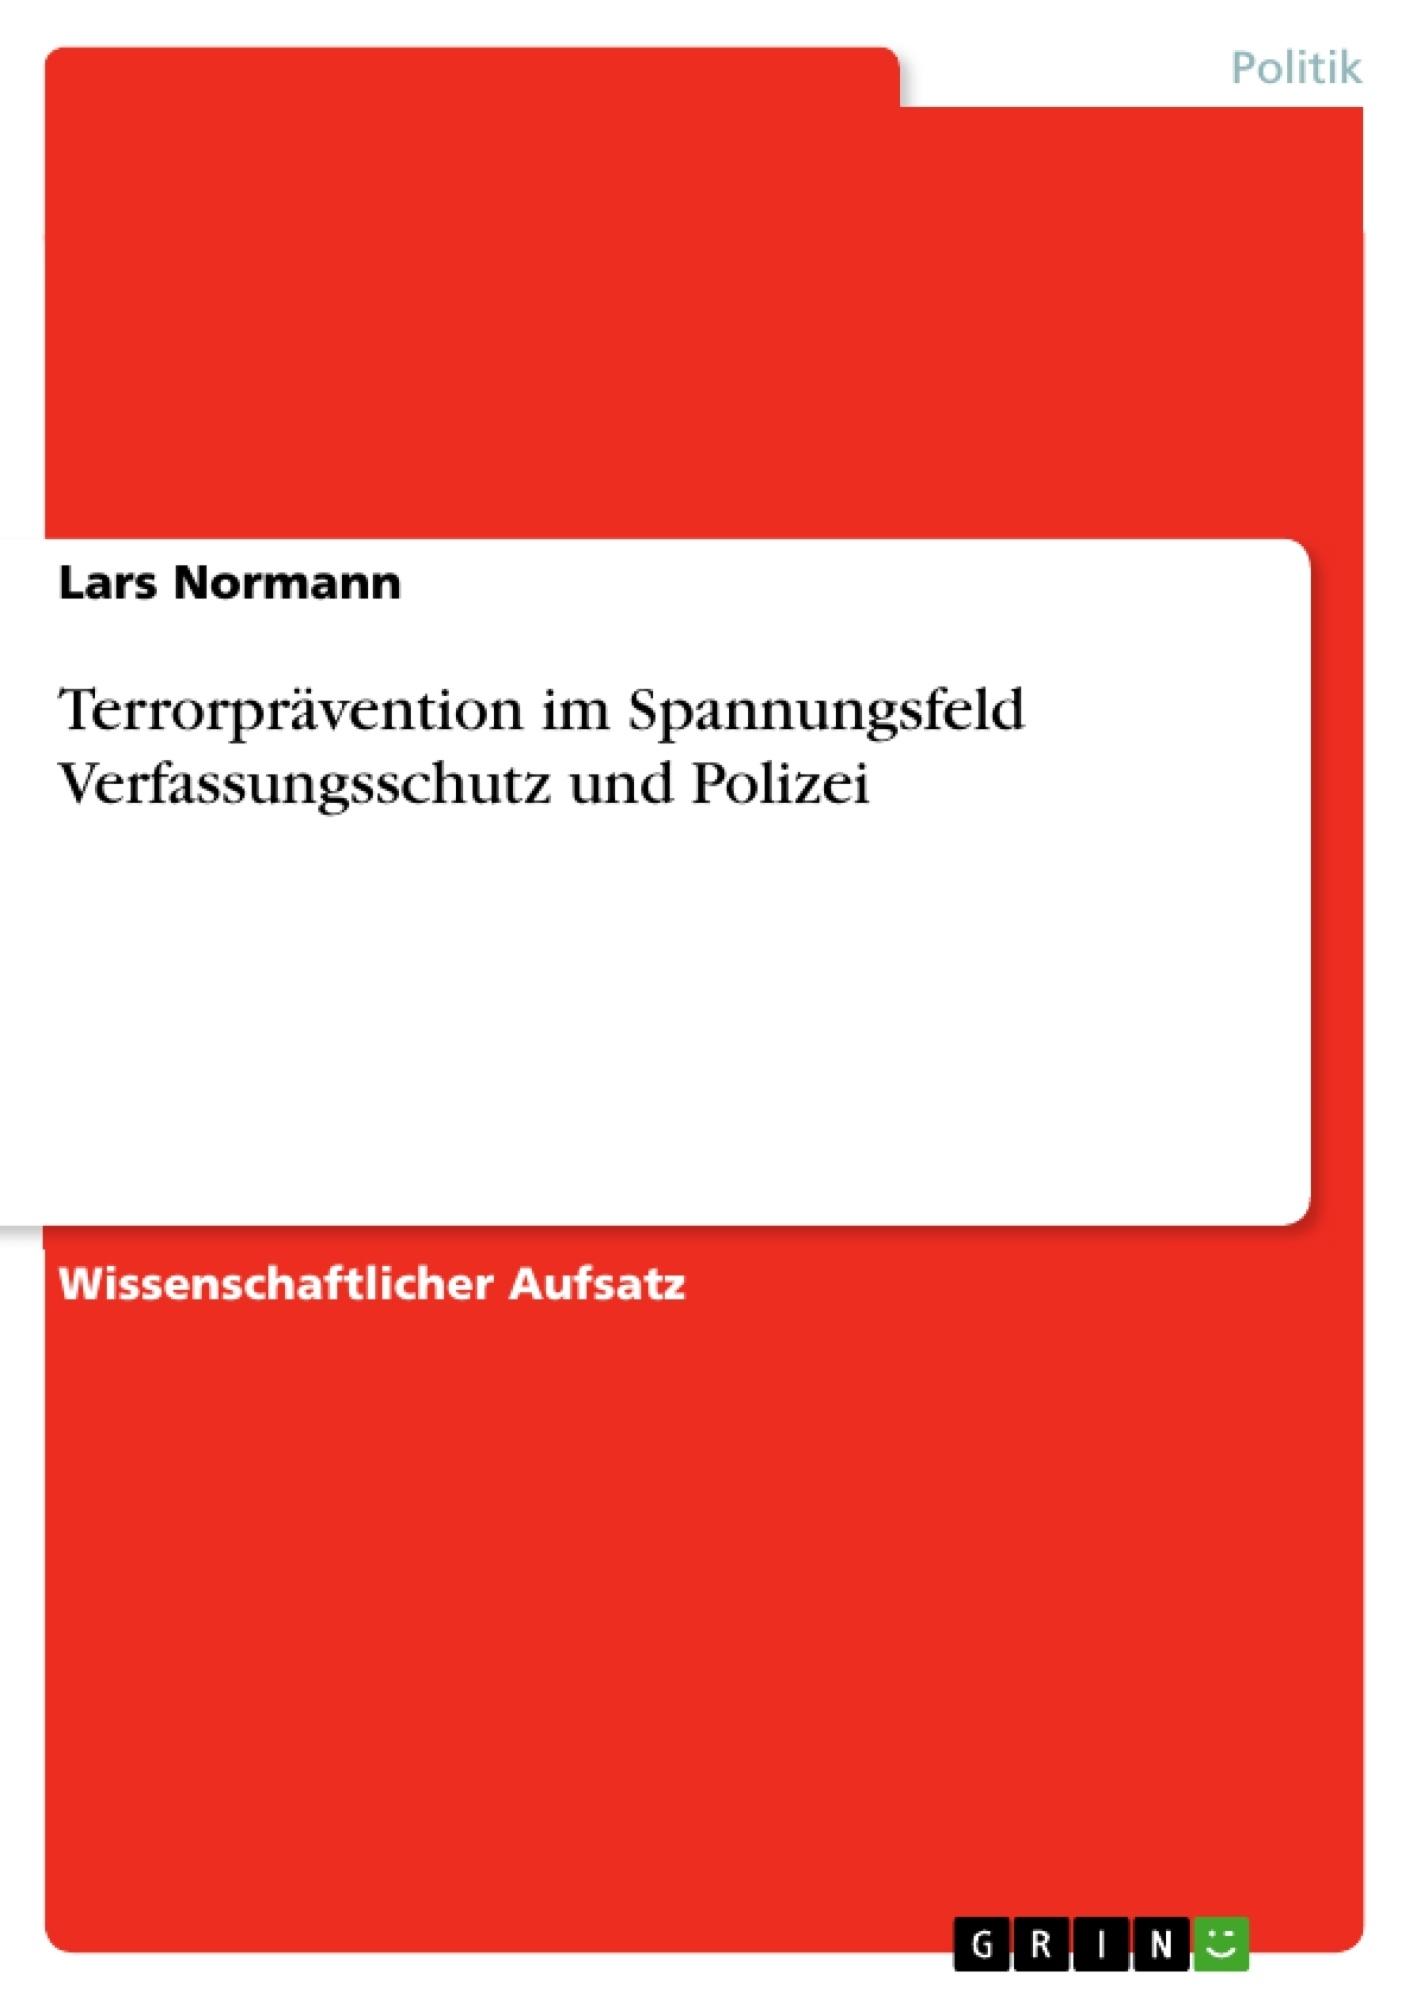 Titel: Terrorprävention im Spannungsfeld Verfassungsschutz und Polizei